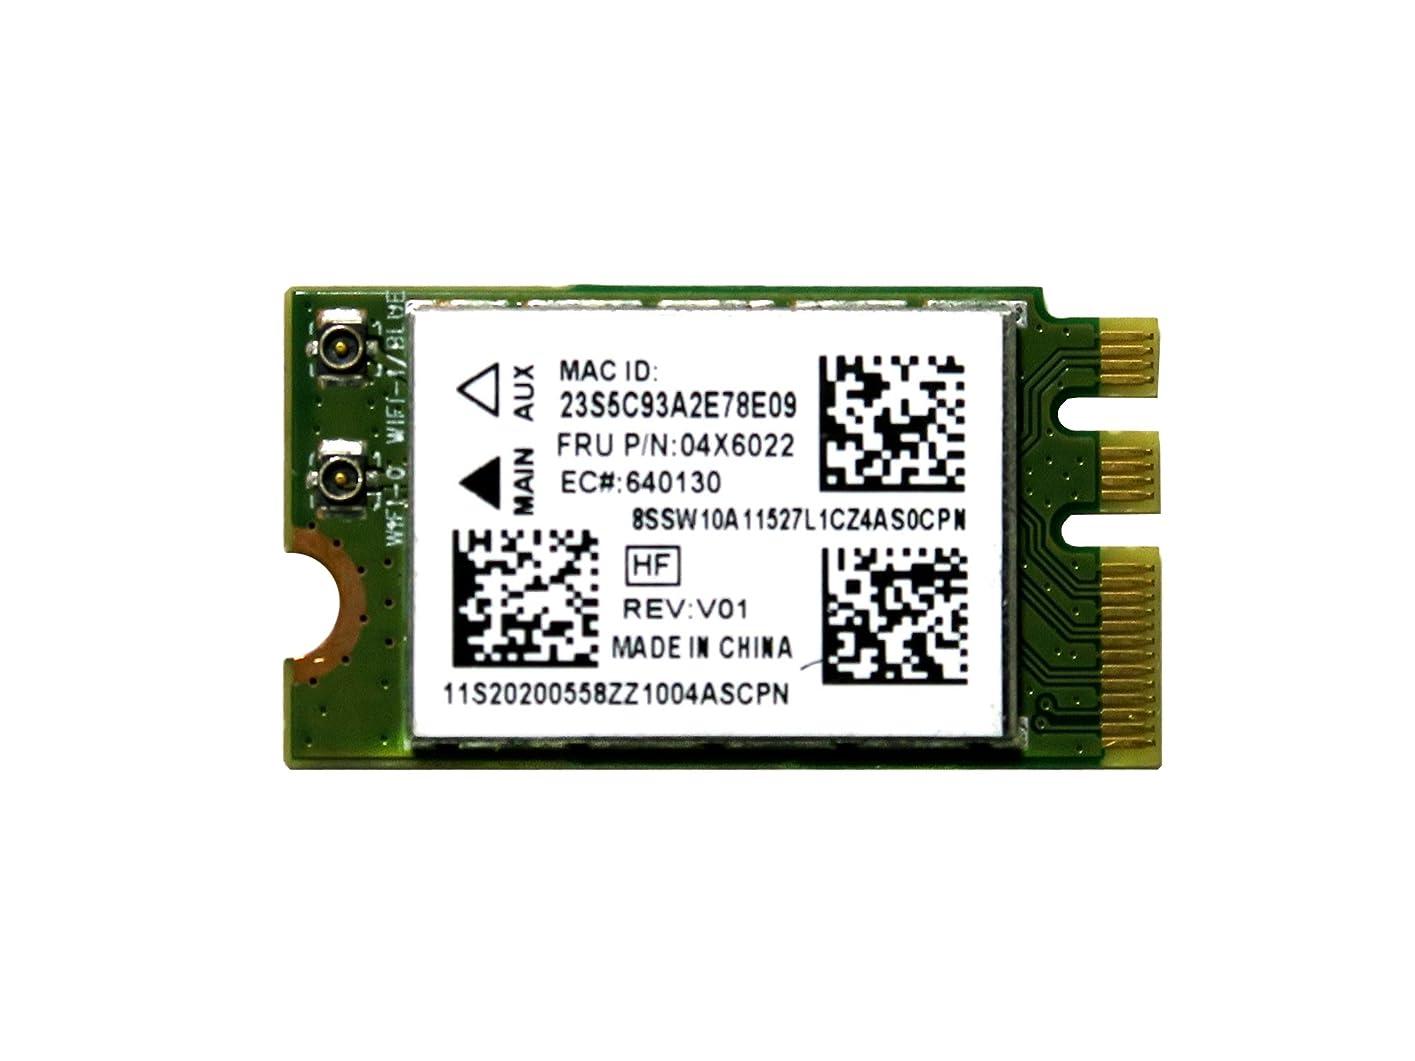 緊張表示ピボットLenovo純正 20200558 04X6022 Qualcomm Atheros QCNFA335 NFA335 802.11b/g/n + BT4.0 M.2 無線LANカード for Lenovo Thinkpad E450/E455/E550/E555/ideapad 300S/G50/Y50